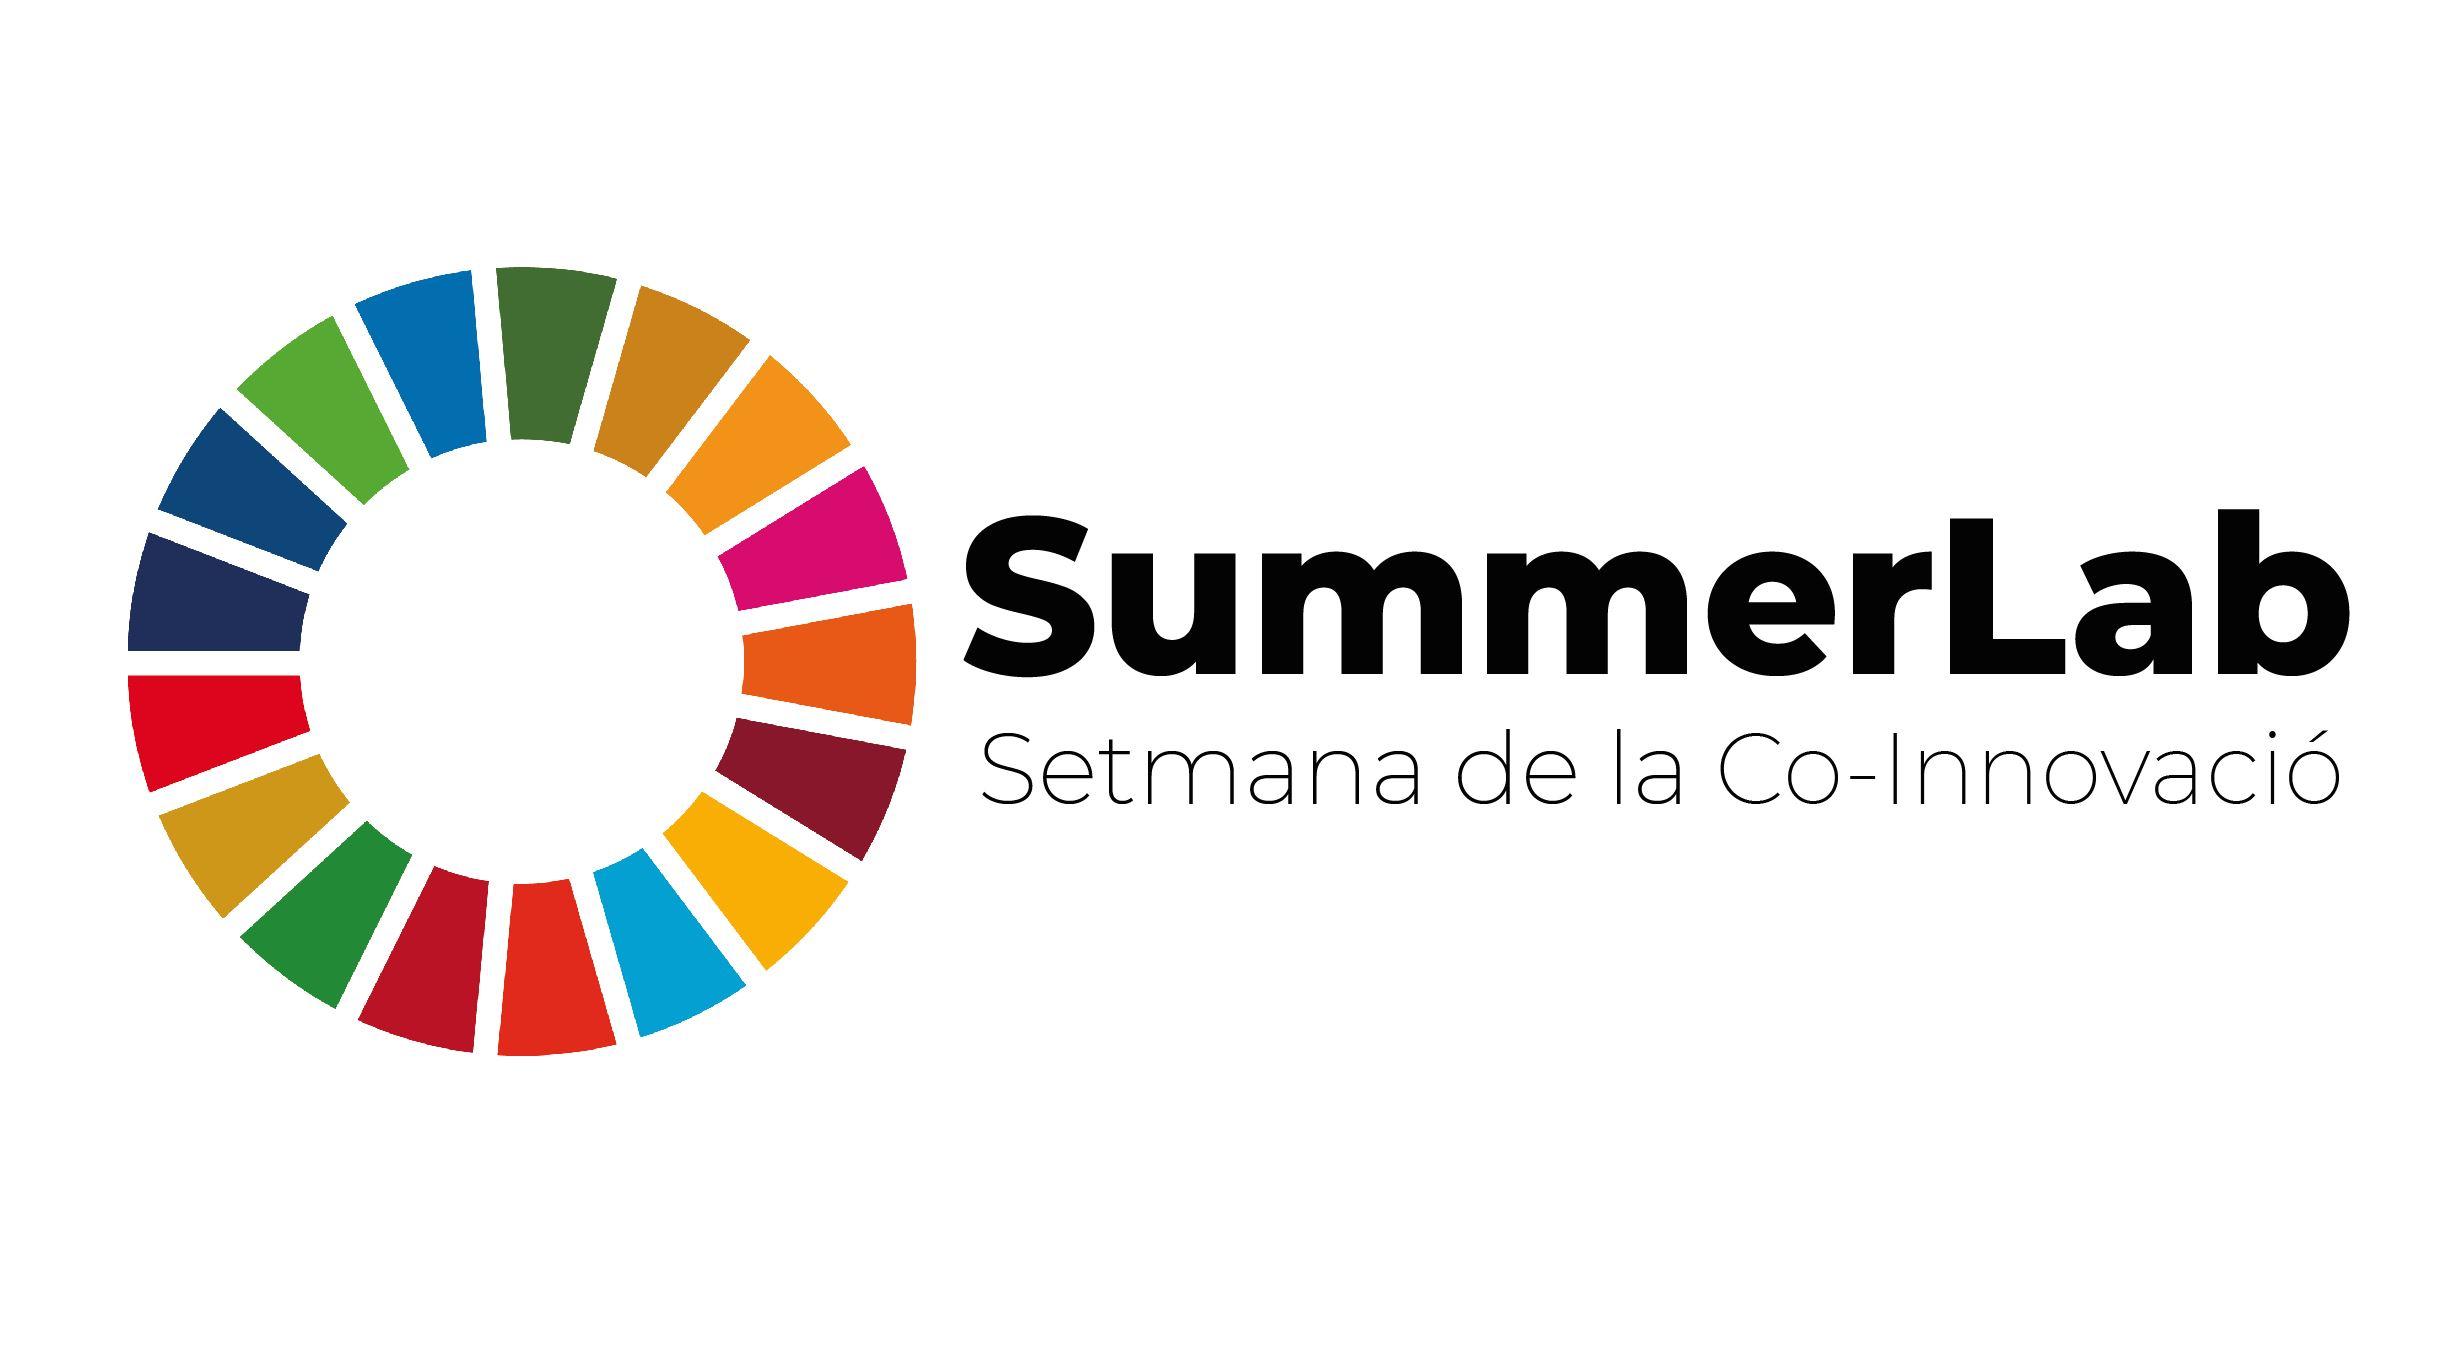 Objectius De Desenvolupament Sostenible, Coneixement I Laboratoris Ciutadans Són Els Ingredients Del SummerLab, Emmarcat En La Setmana De La Co-innovació